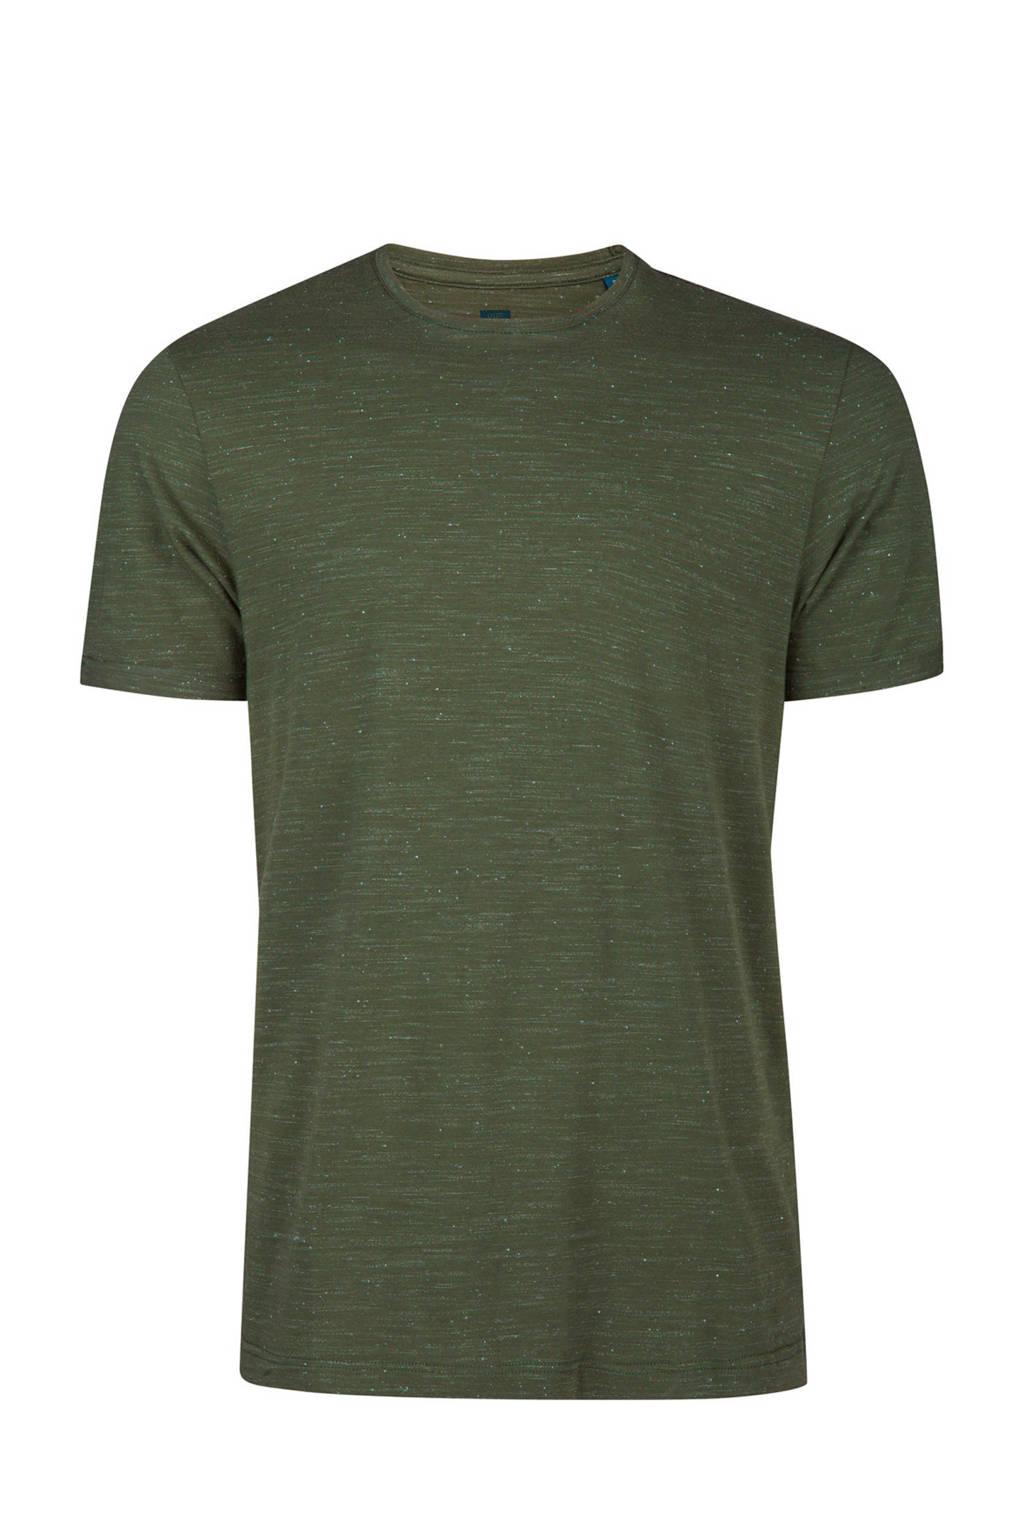 WE Fashion T-shirt, Army